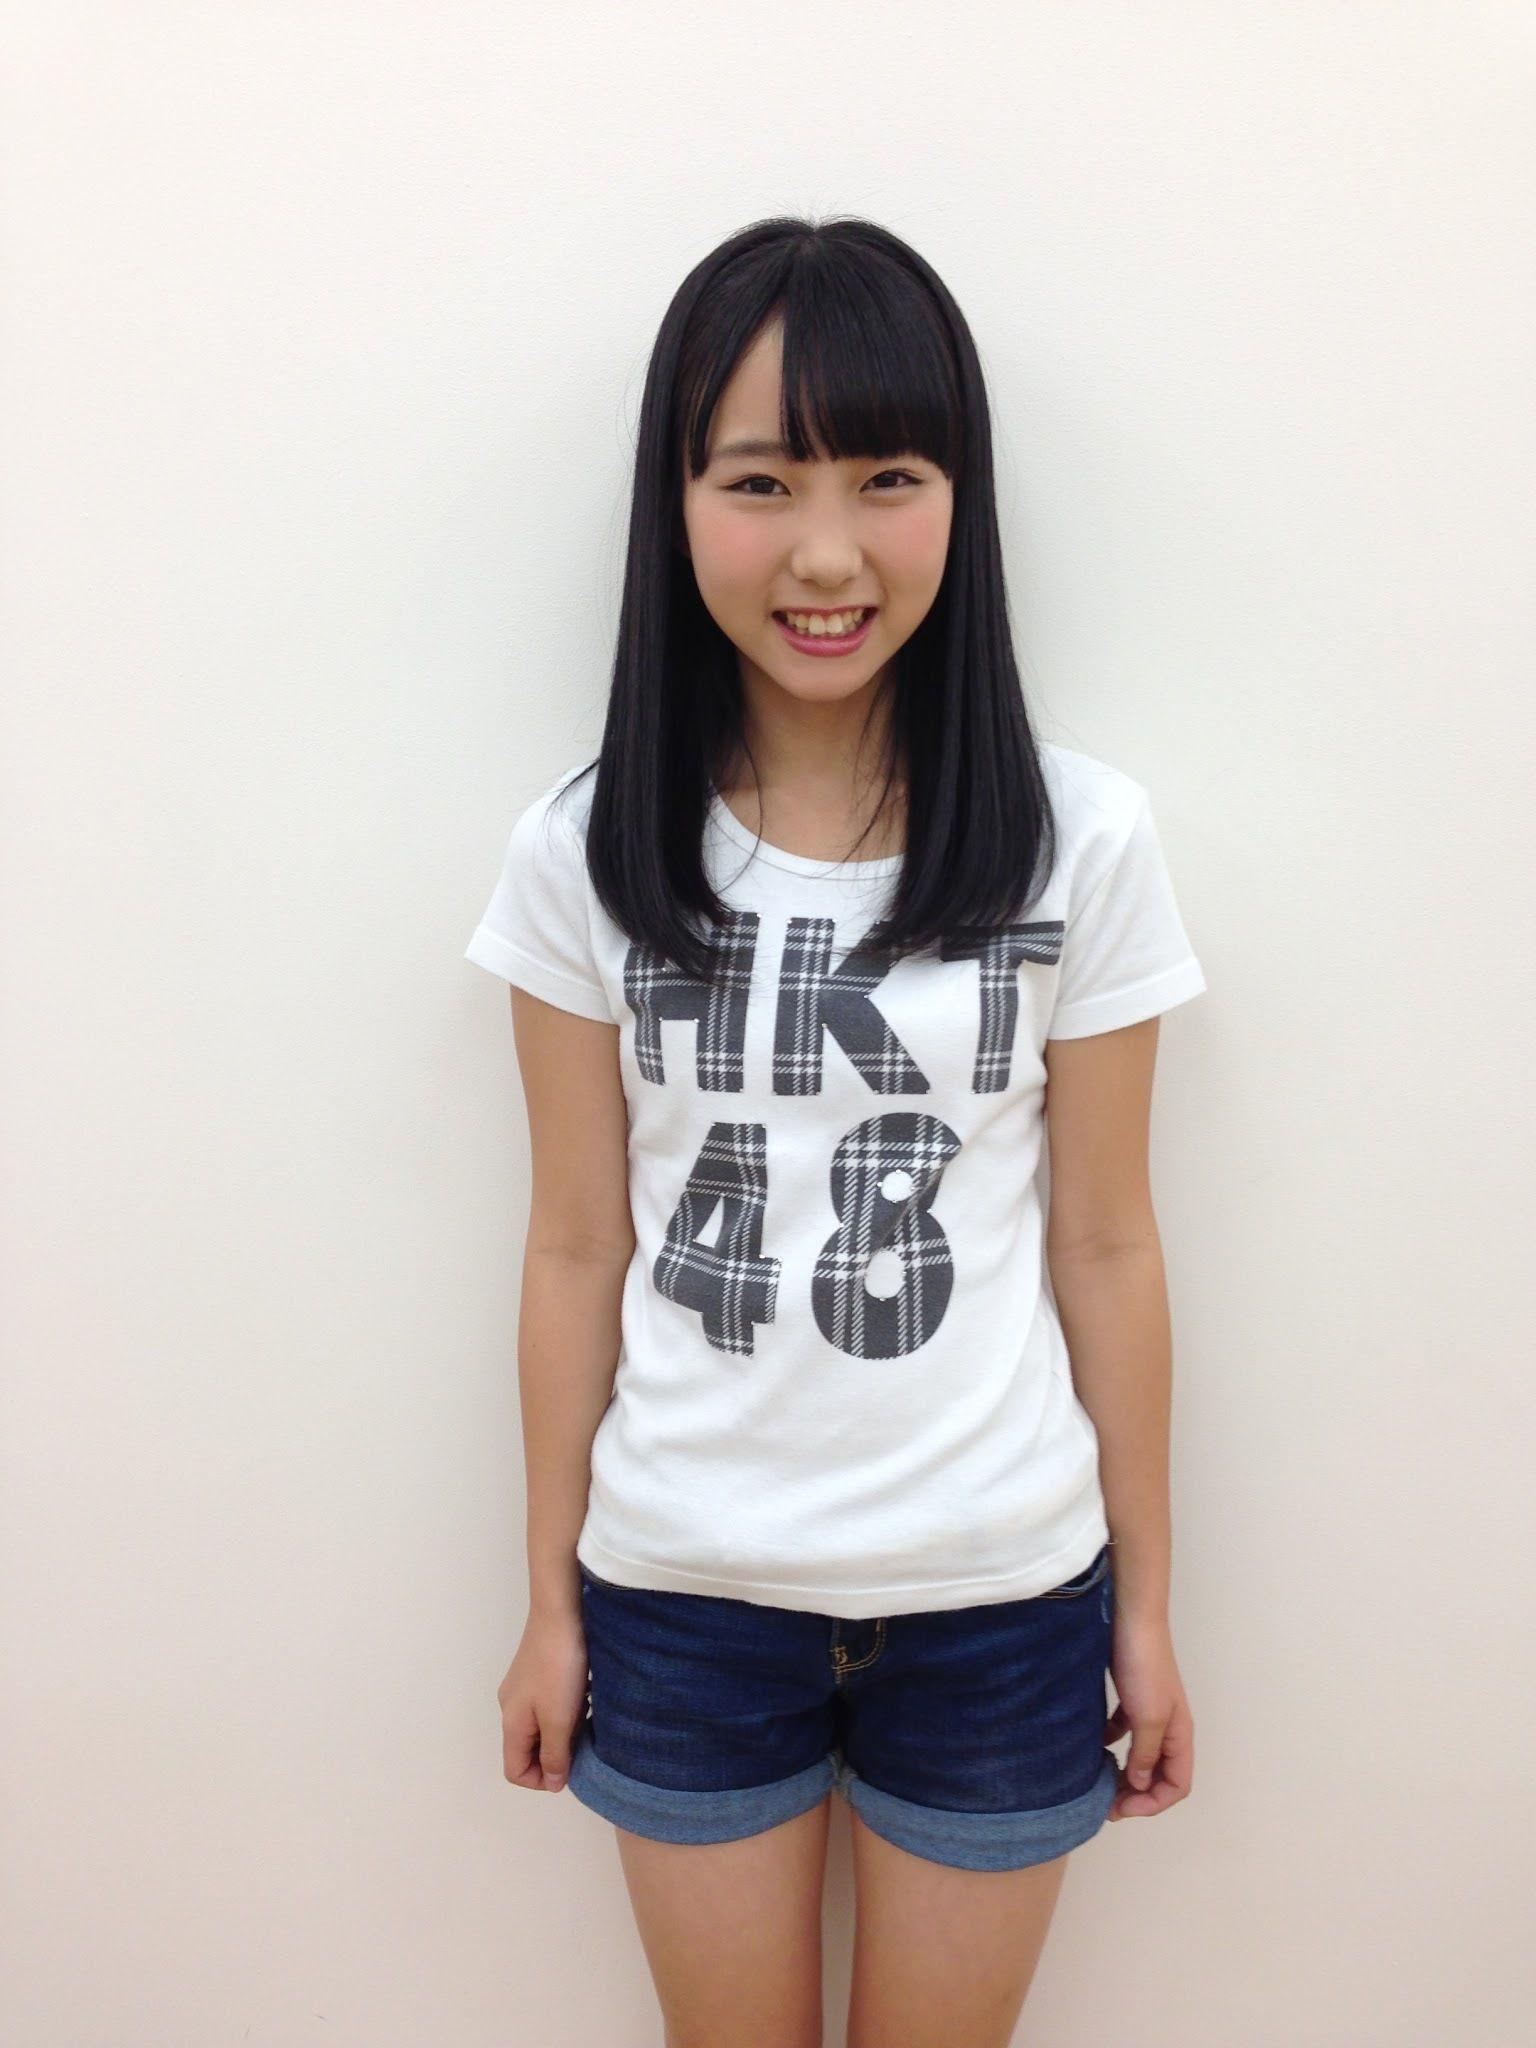 【画像16枚】HKT48 田中美久ちゃん、おっぱいグラビアはこちら!!